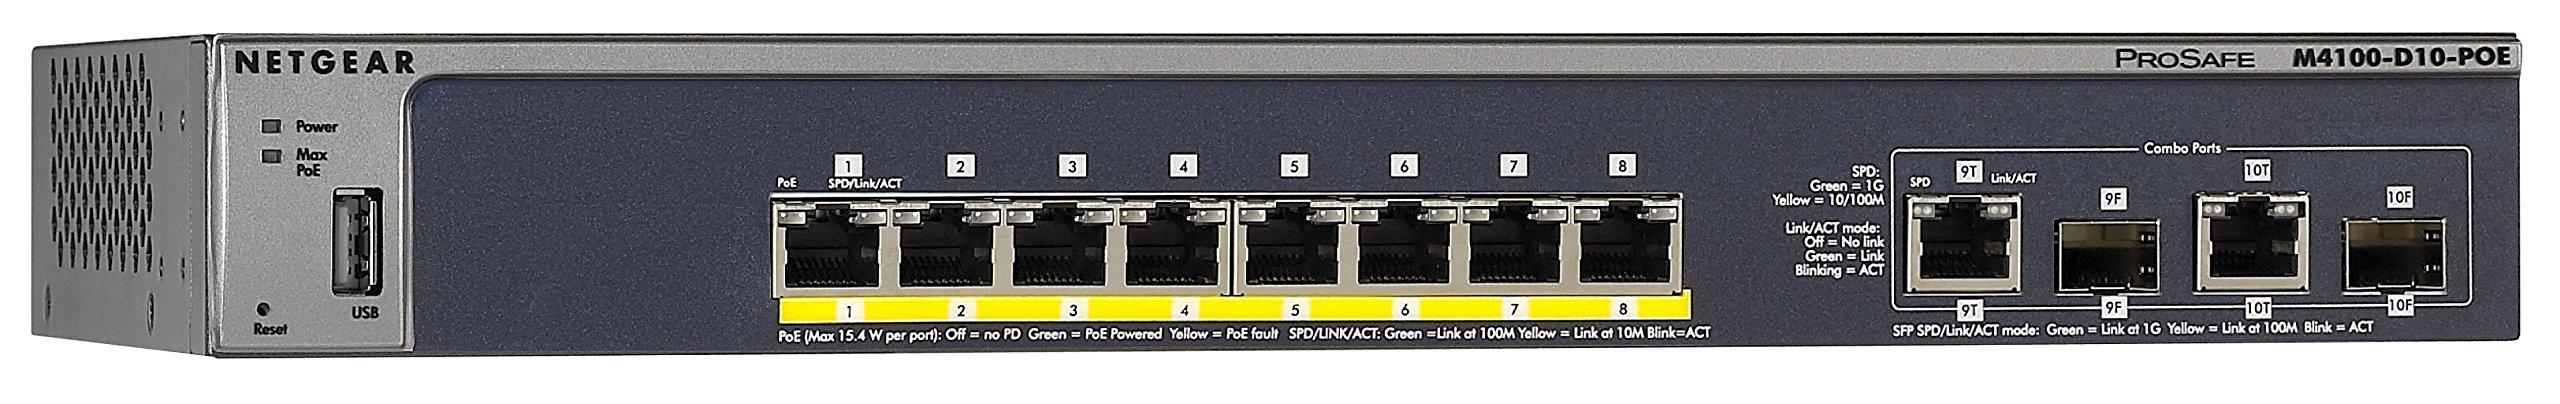 NETGEAR ProSAFE M4100-D10-POE 8 Port Fast Ethernet Managed Switch w/ PoE 10/100 Mbps by NETGEAR